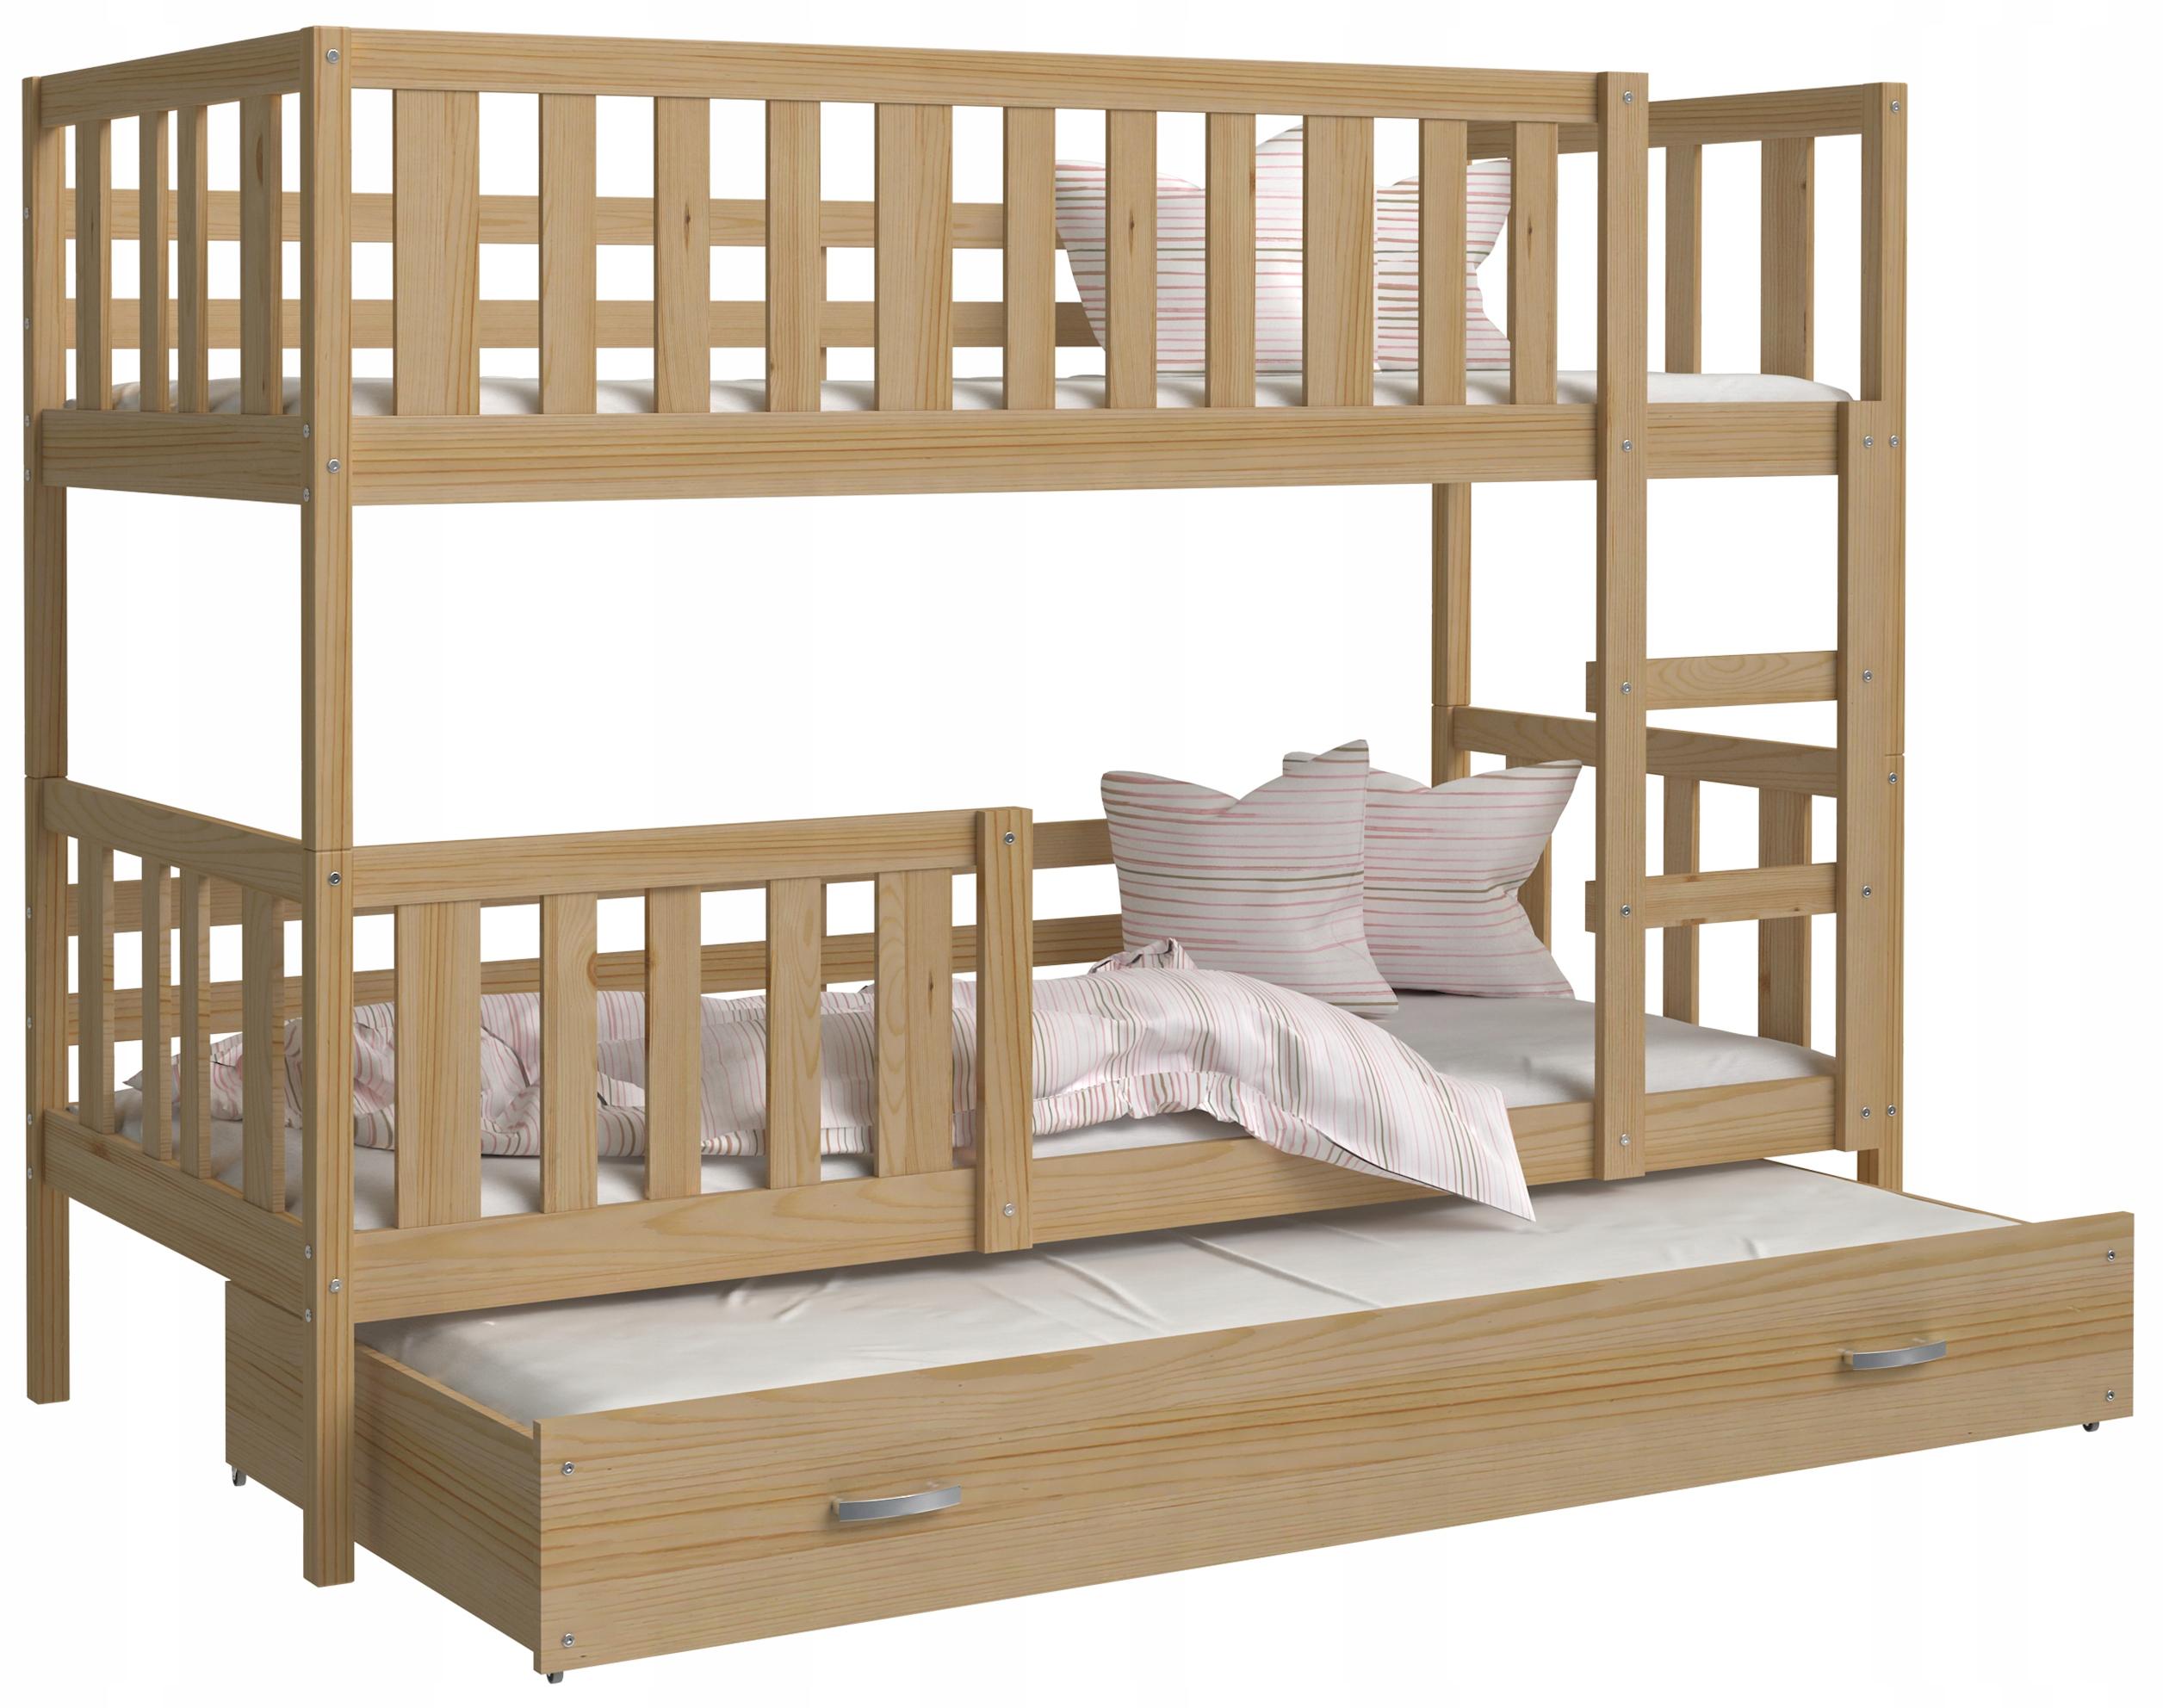 Łóżko piętrowe NEMO 3 osobowe drewniane i materace